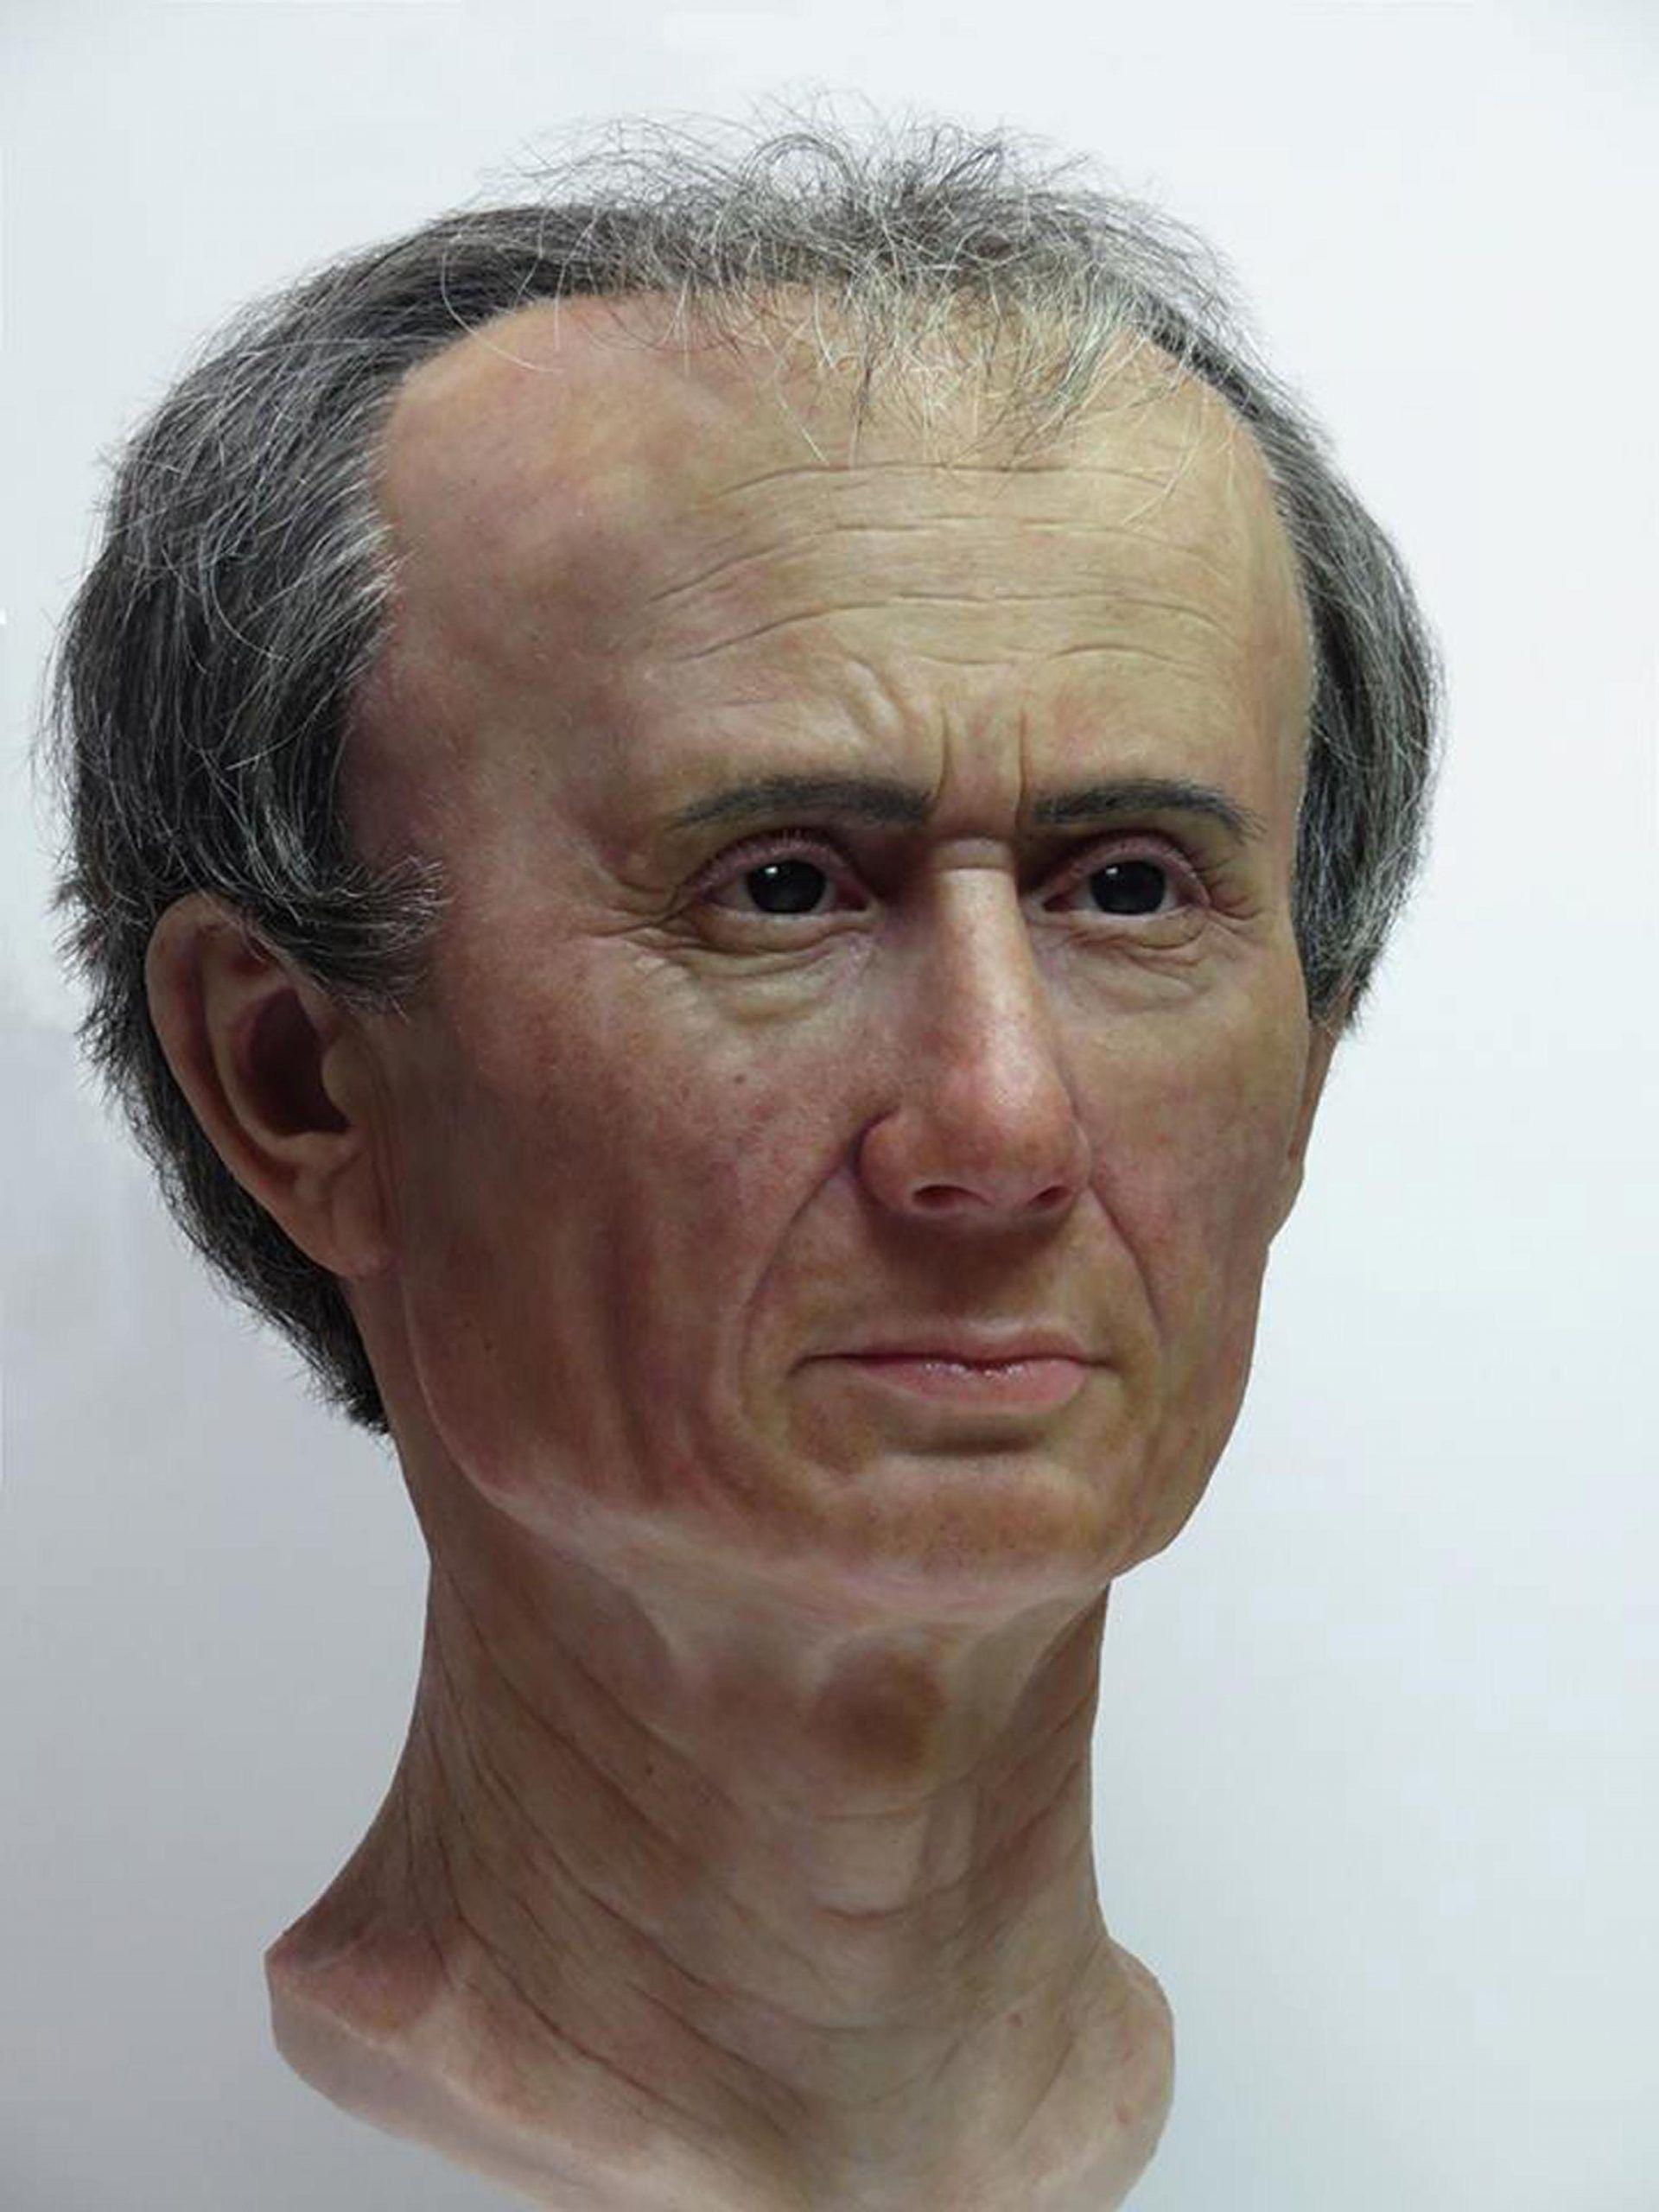 giulio cesare volto in 3D